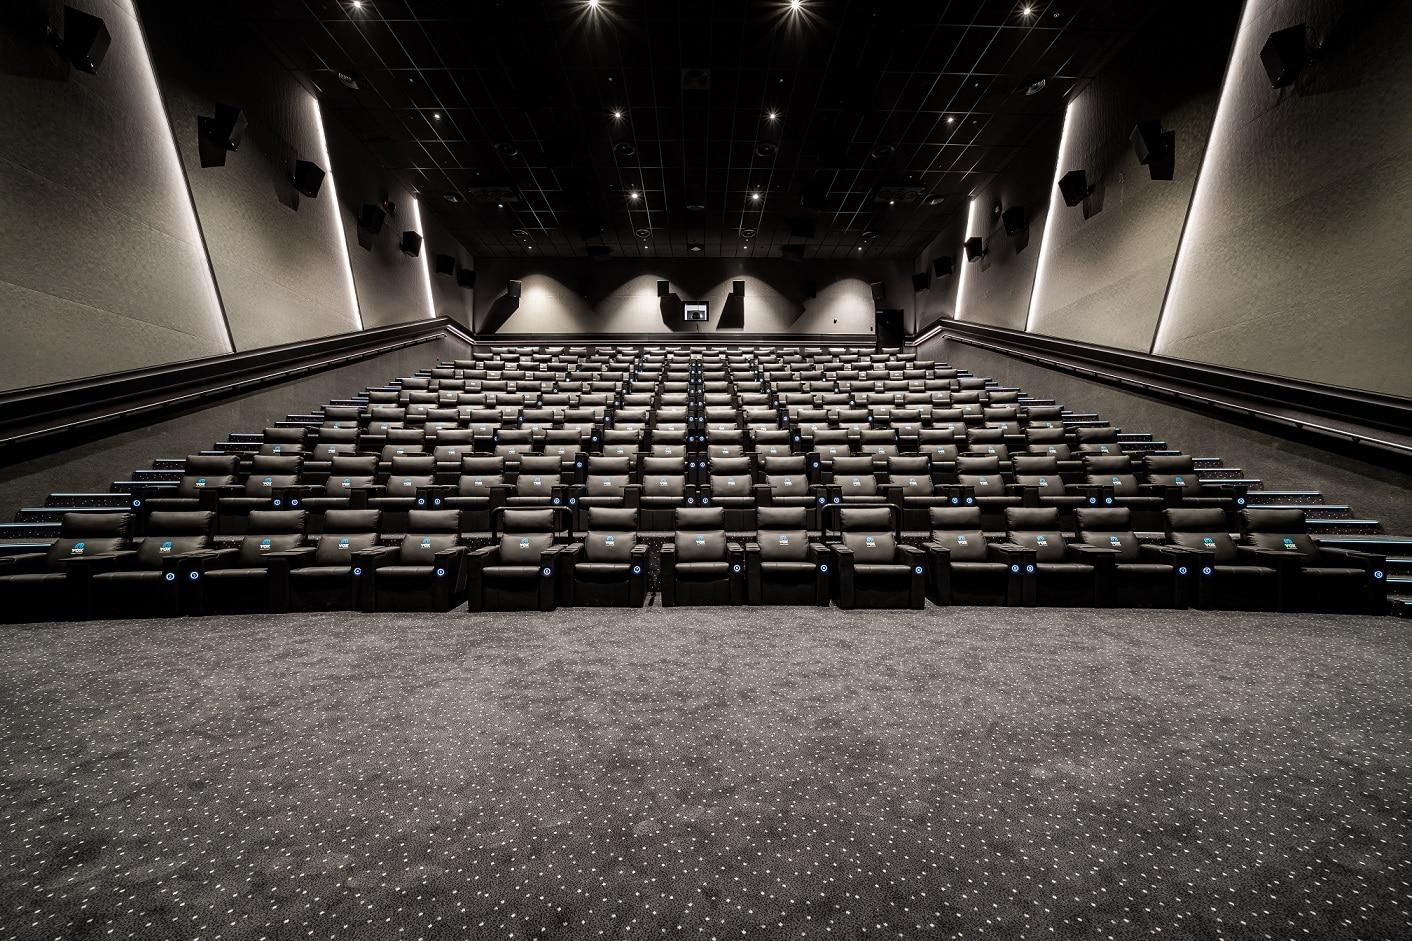 ماجد الفطيم تعيد إفتتاح ڨوكس سينما بأبوظبي